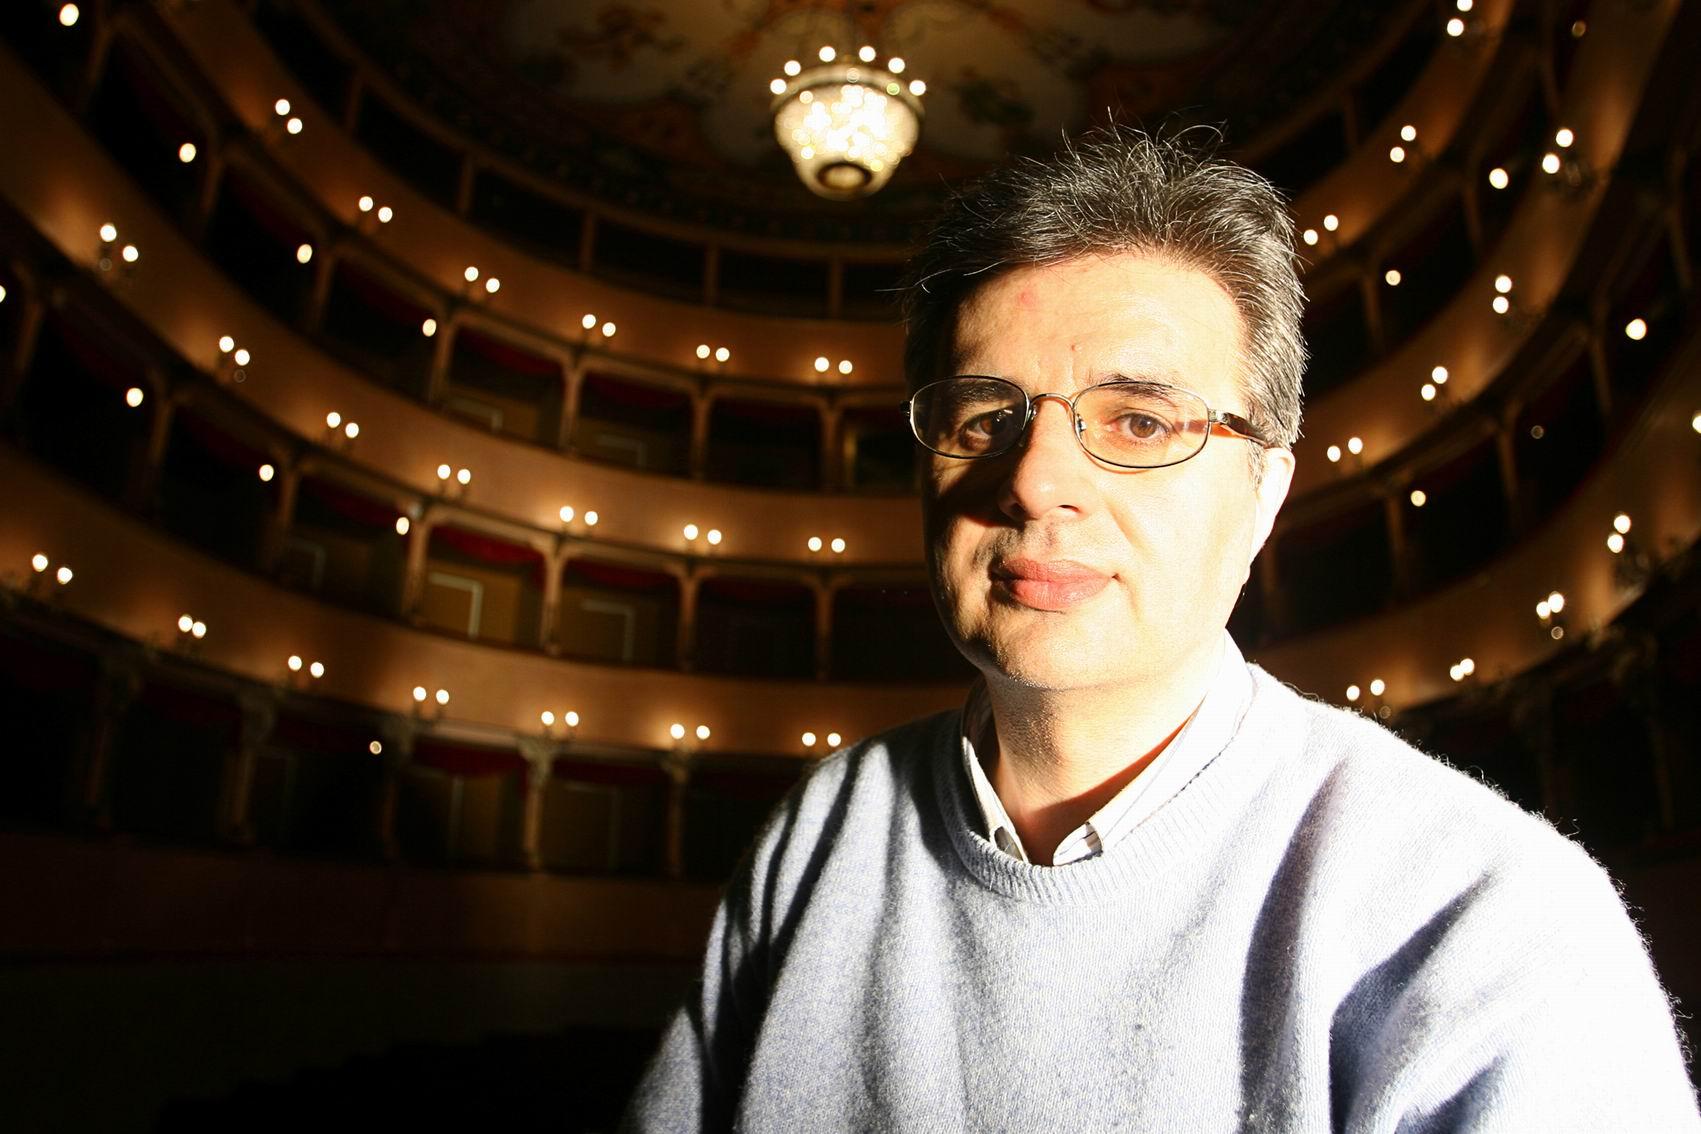 Vito_minoia_in_raffaello_sanzio_theatre_in_urbino._ph._f._deriu